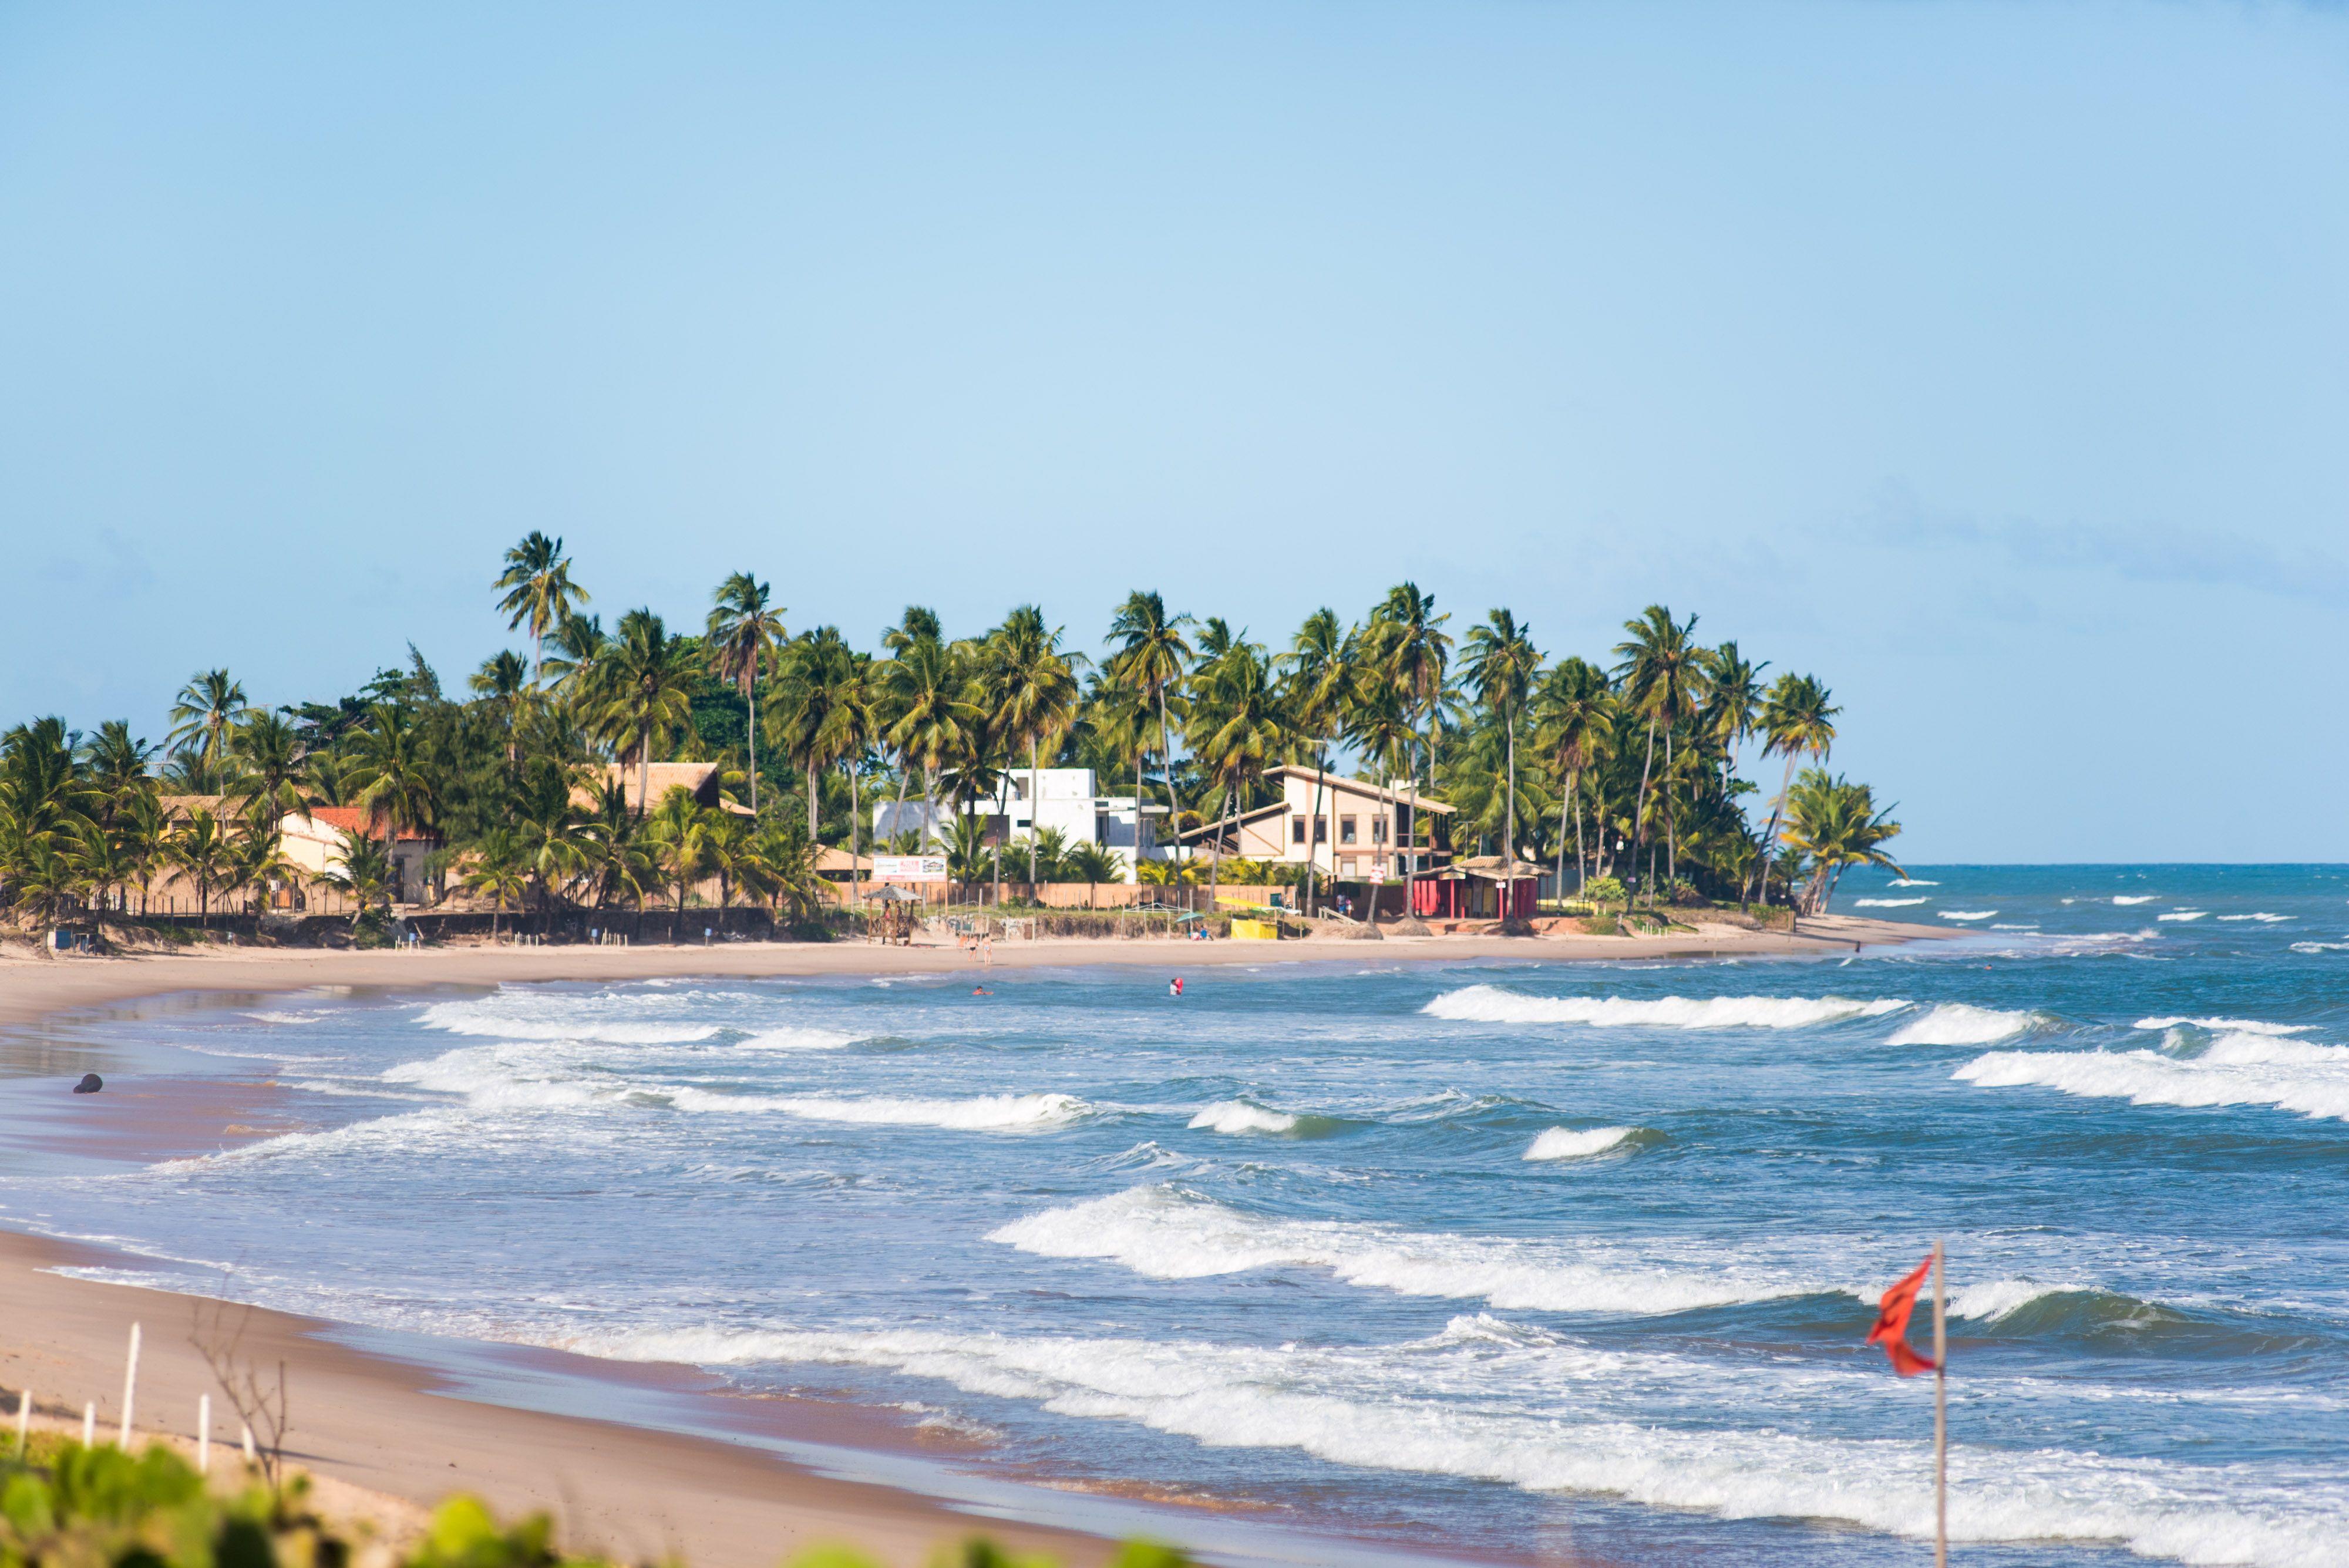 Praias Vila Gale Mares Bahia Brasil Com Imagens Praias Do